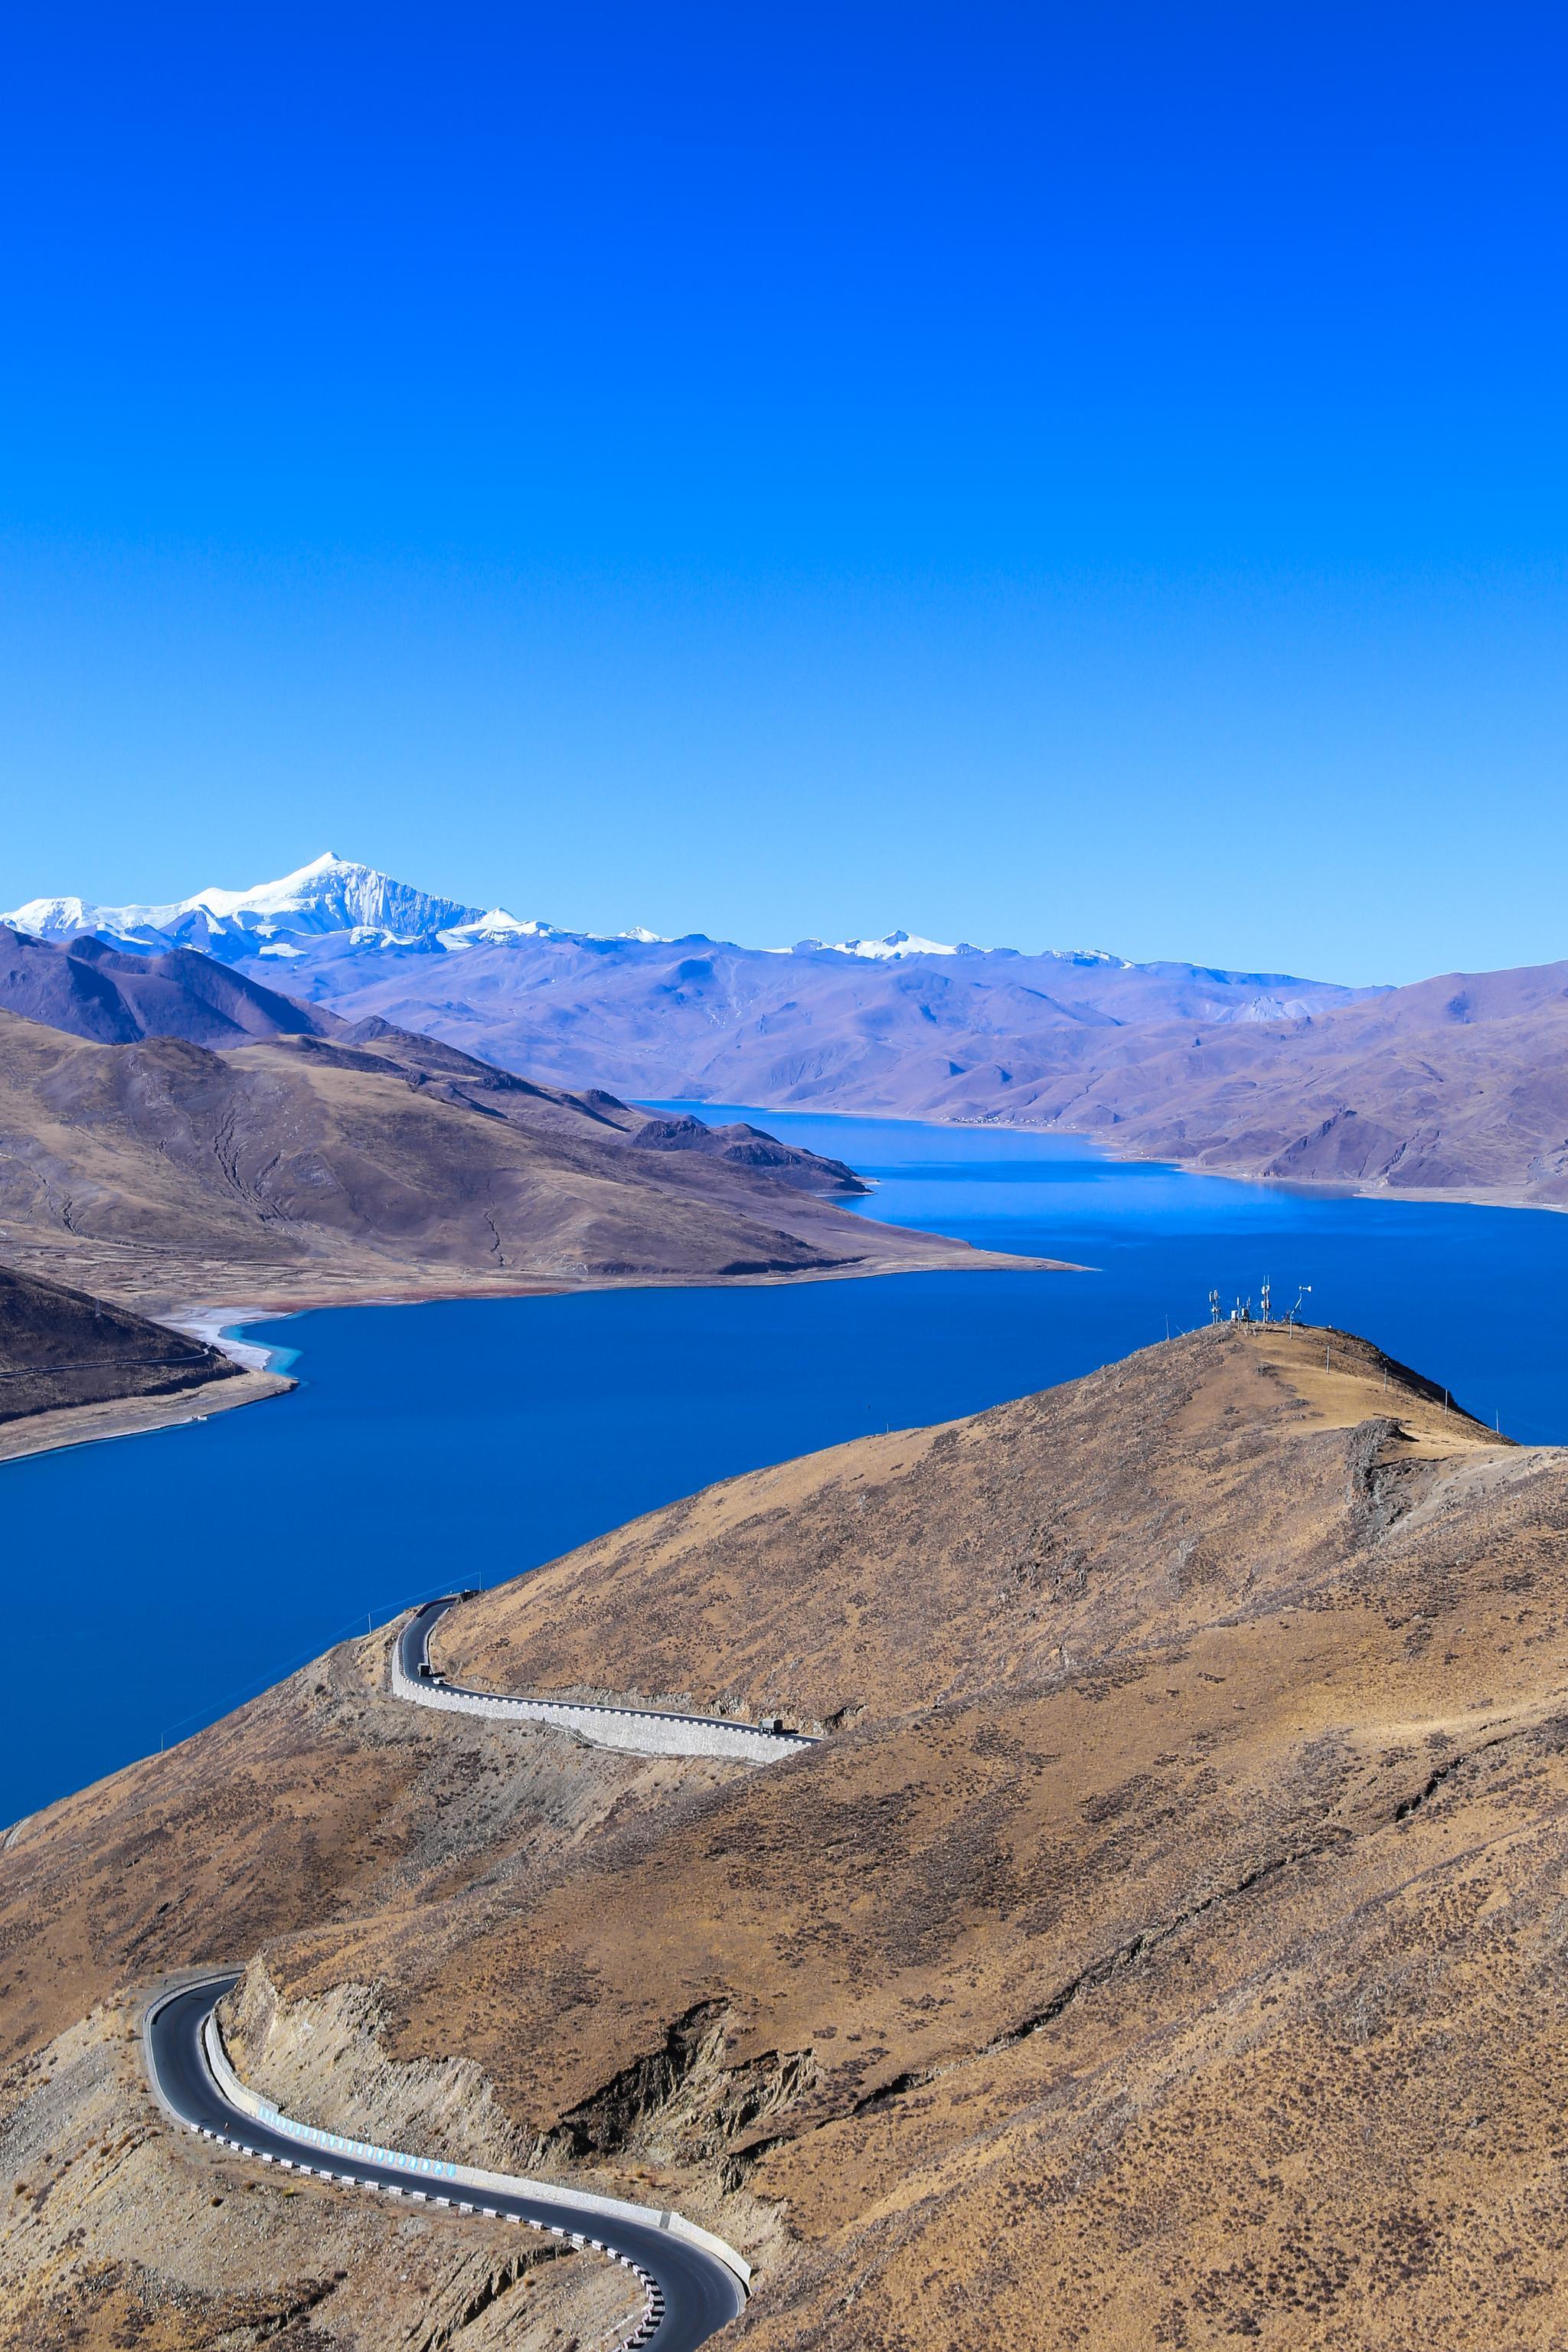 西藏三大圣湖之一的羊卓雍错湖(简称羊湖)